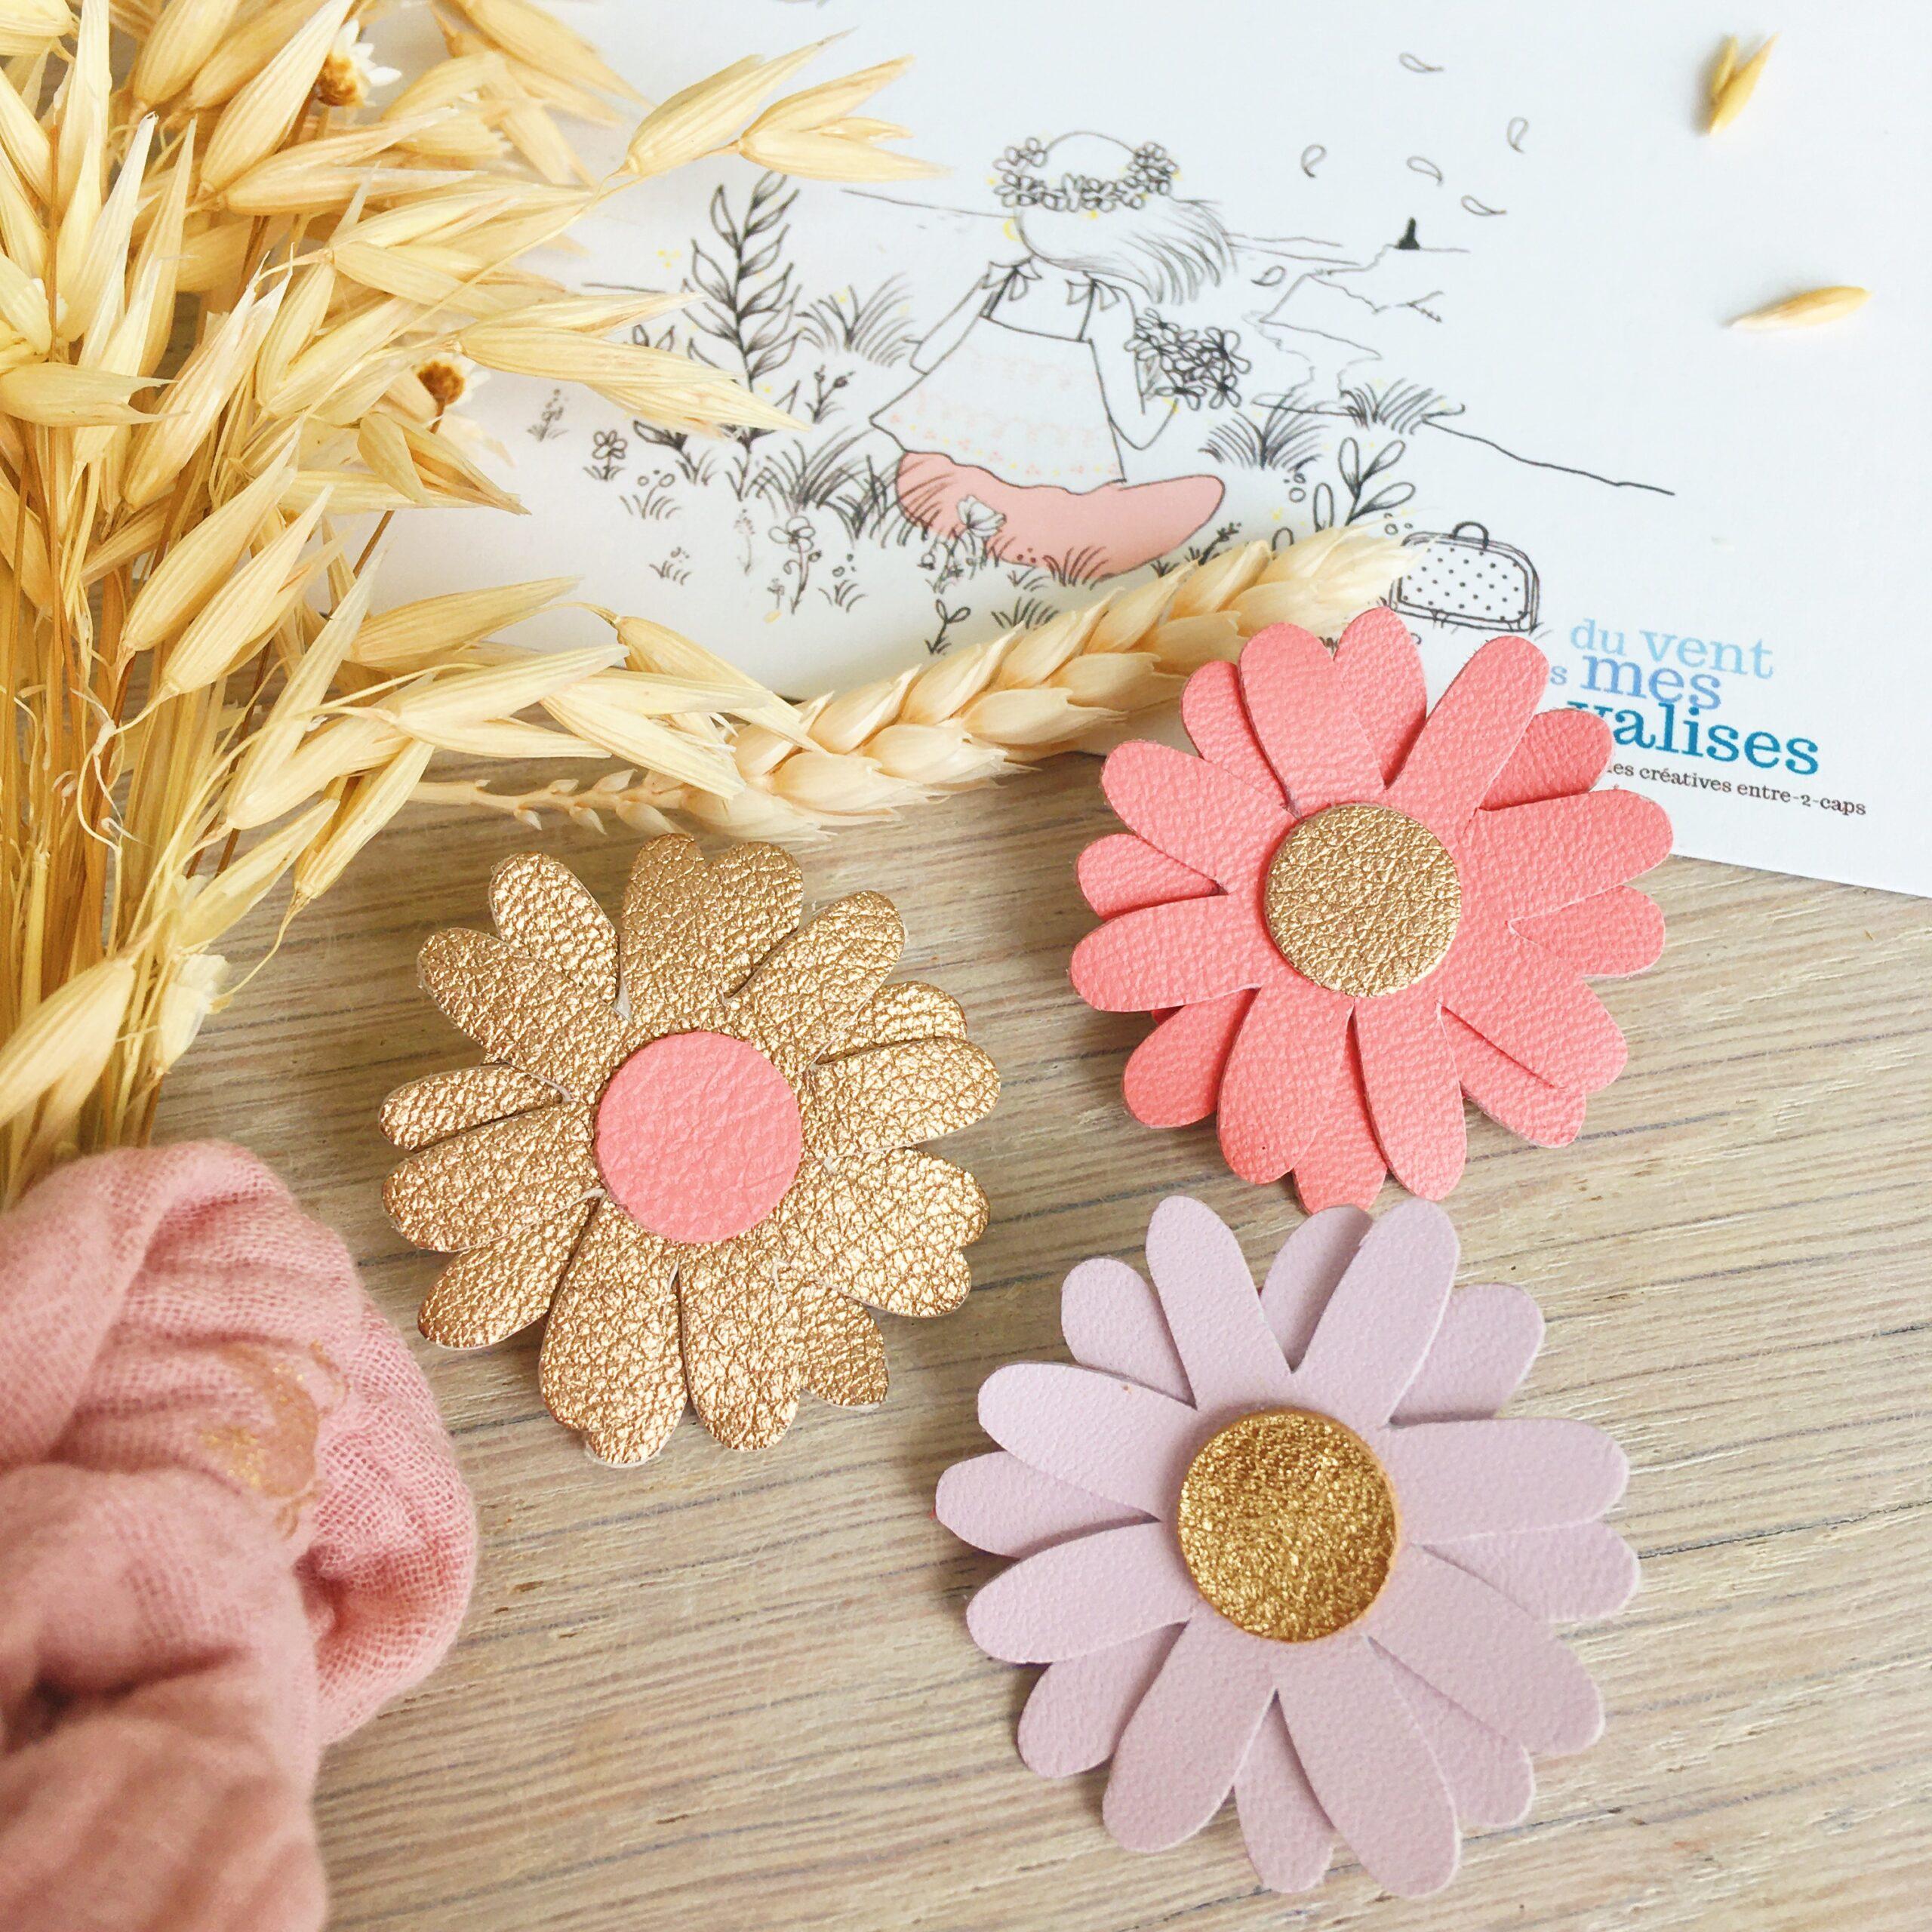 broches fleuries bohème chic marguerite échinacée en cuir fabrication artisanale française - du vent dans mes valises